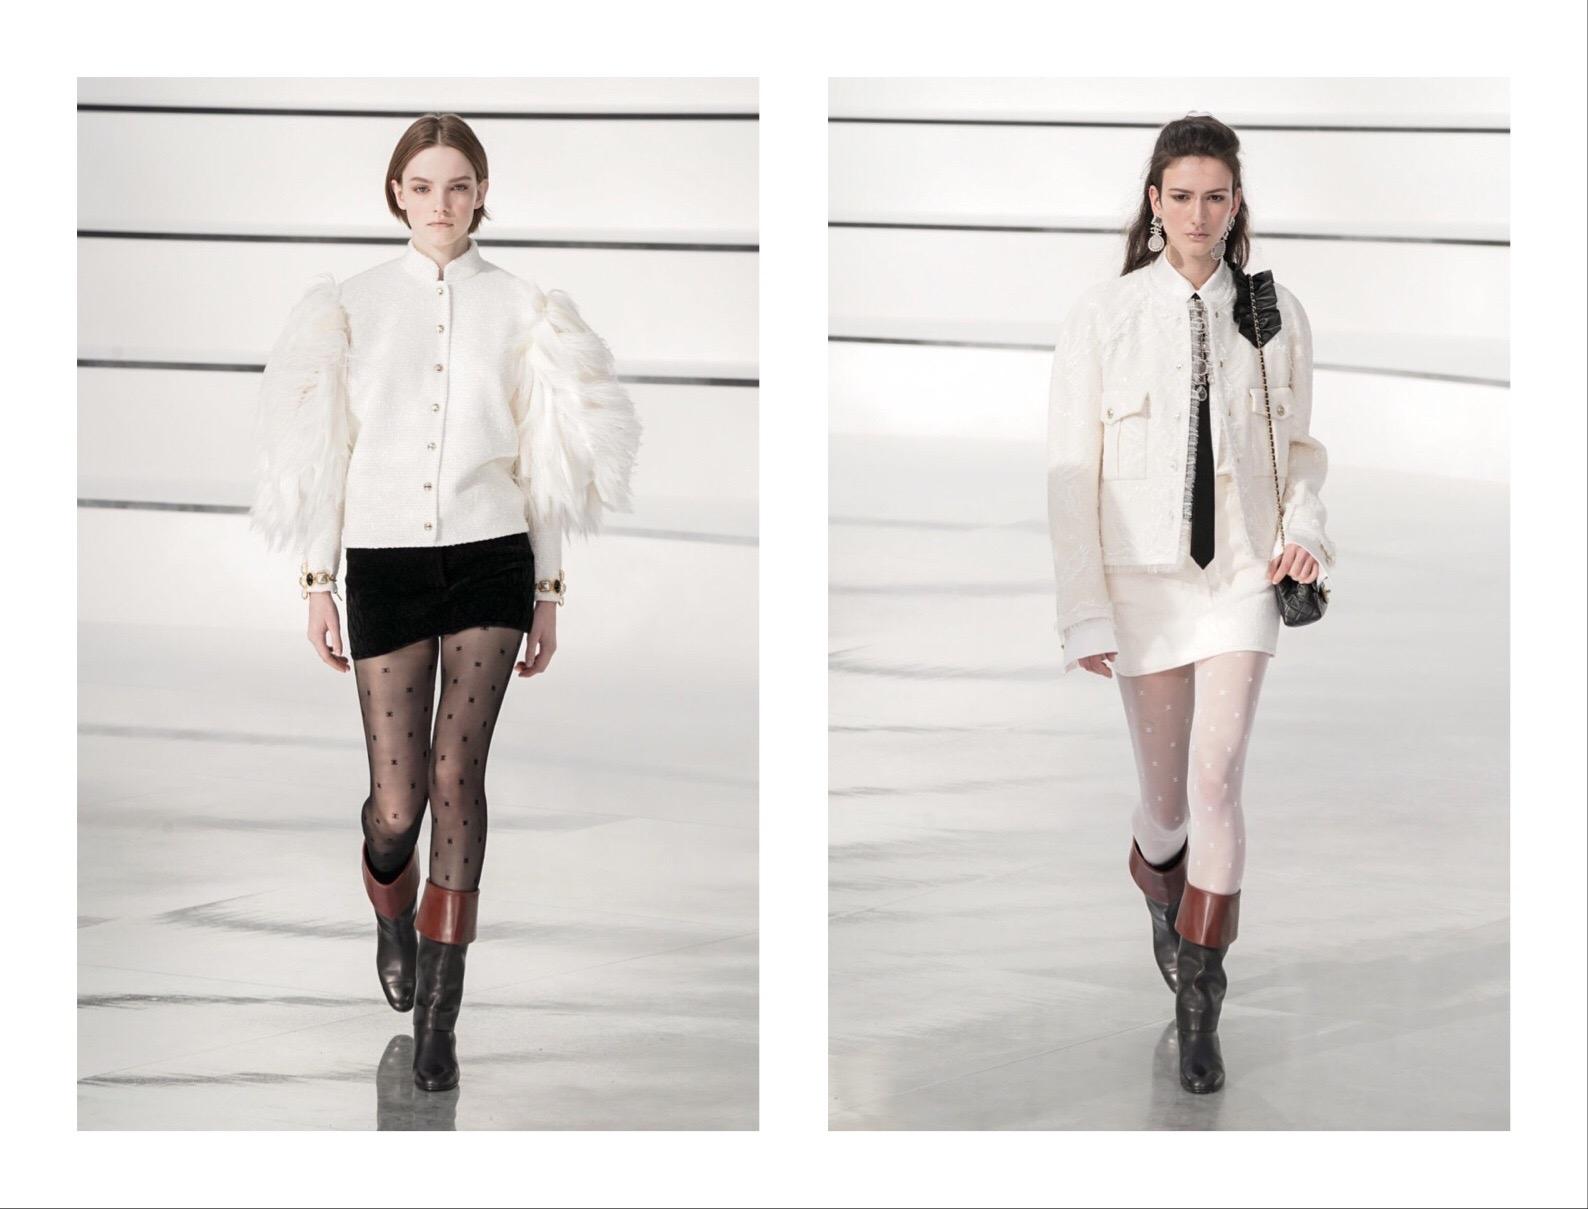 Парижский шик в лучших традициях Chanel: обзор коллекции (ФОТО) - фото №3